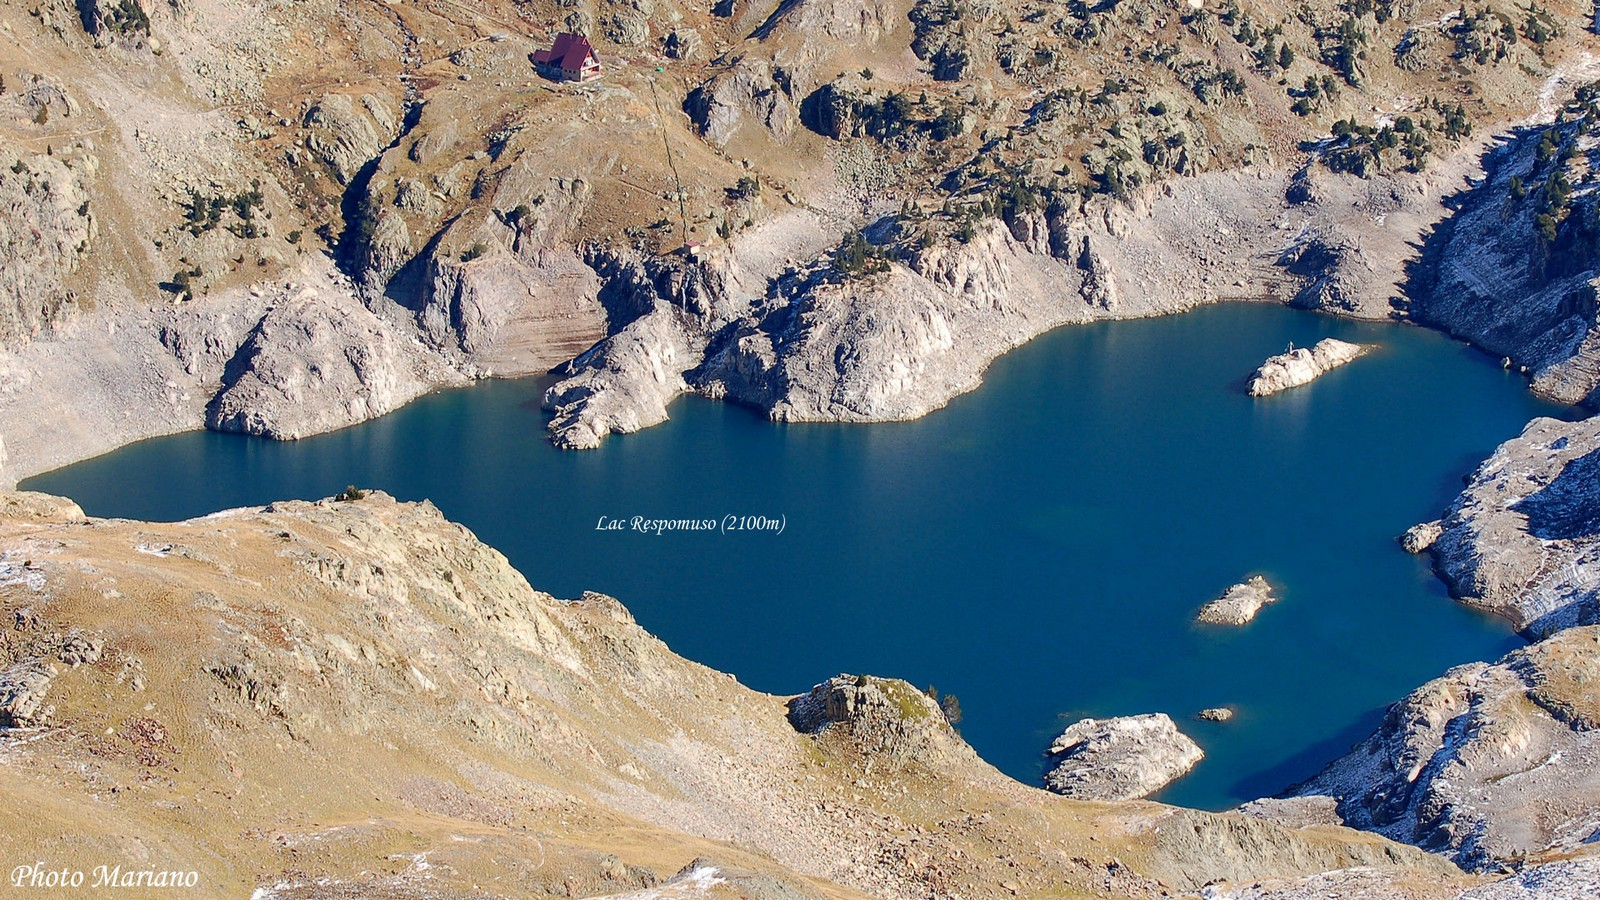 Les-Lacs-des-Pyrenees_073